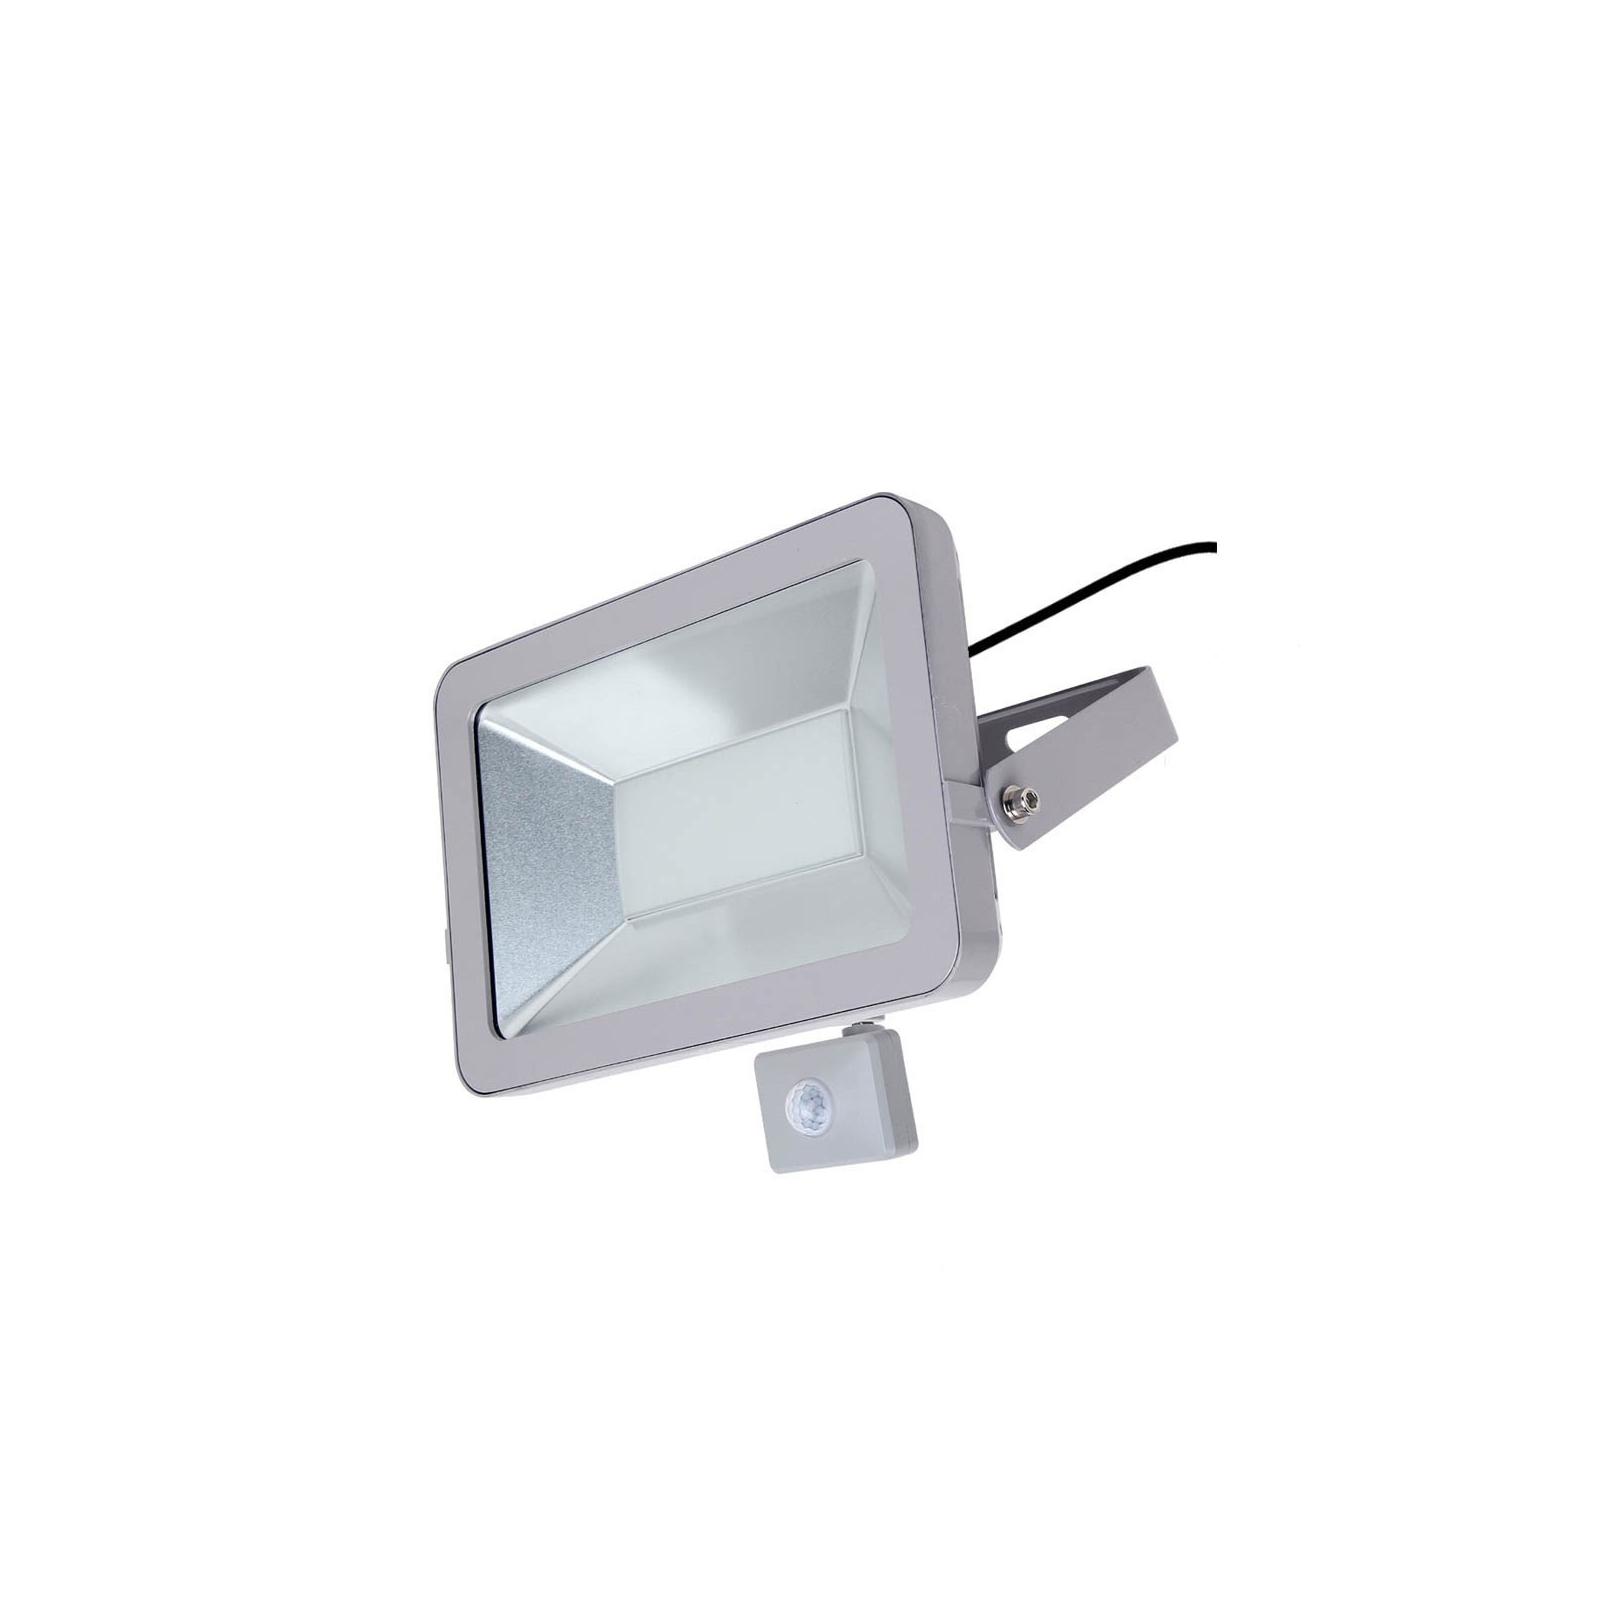 Projecteur LED 30W 6000k Blanc Froid avec détecteur de mouvement